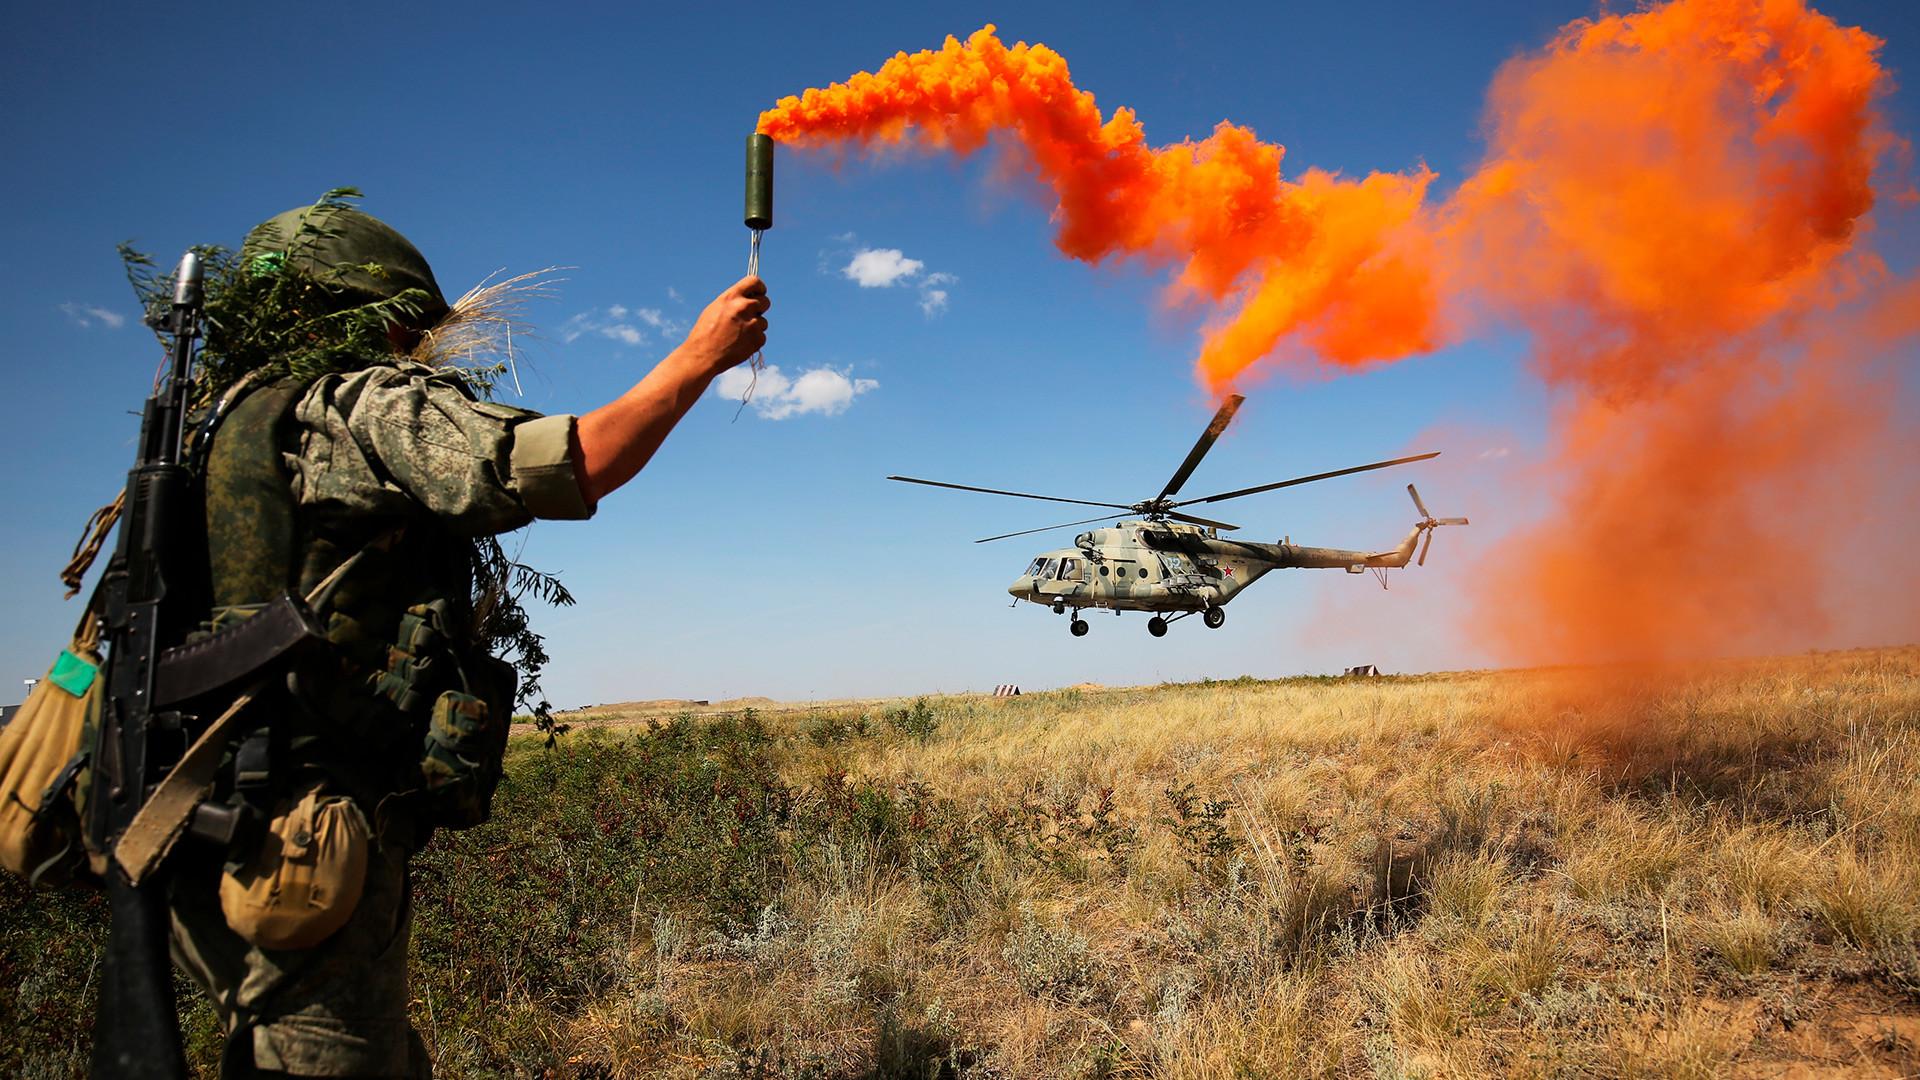 南部軍管区での戦術演習に参加している軍人。ヴォルゴグラード州、「プルドボイ」試射場。後ろには戦闘機「Mi-8」。